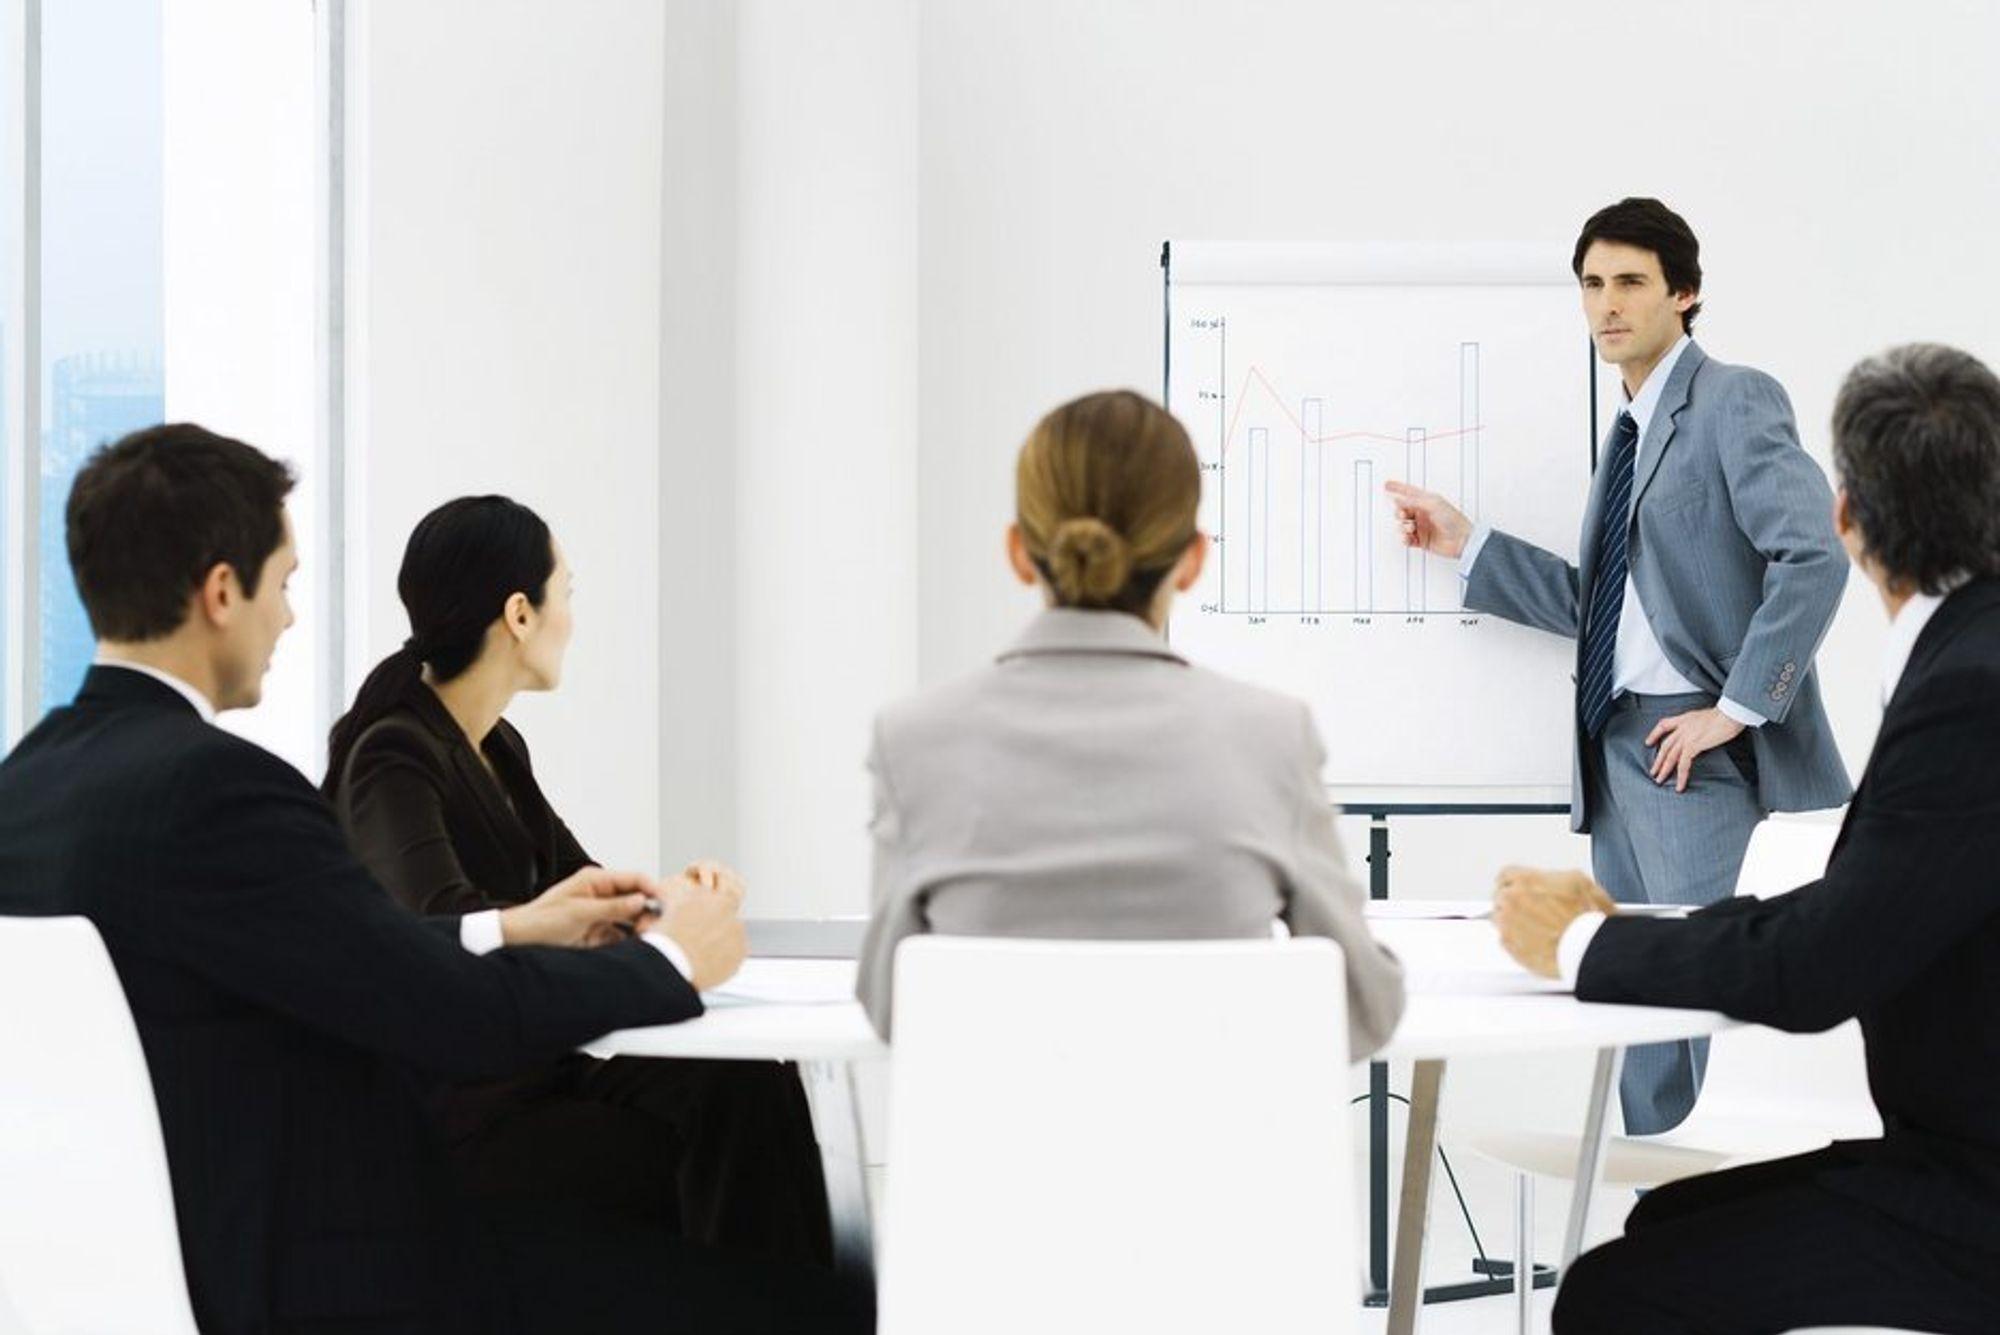 Tøft arbeidsmarked fører til at mange arbeidsgivere kan love mer enn de leverer for å få tak i riktig kompetanse.